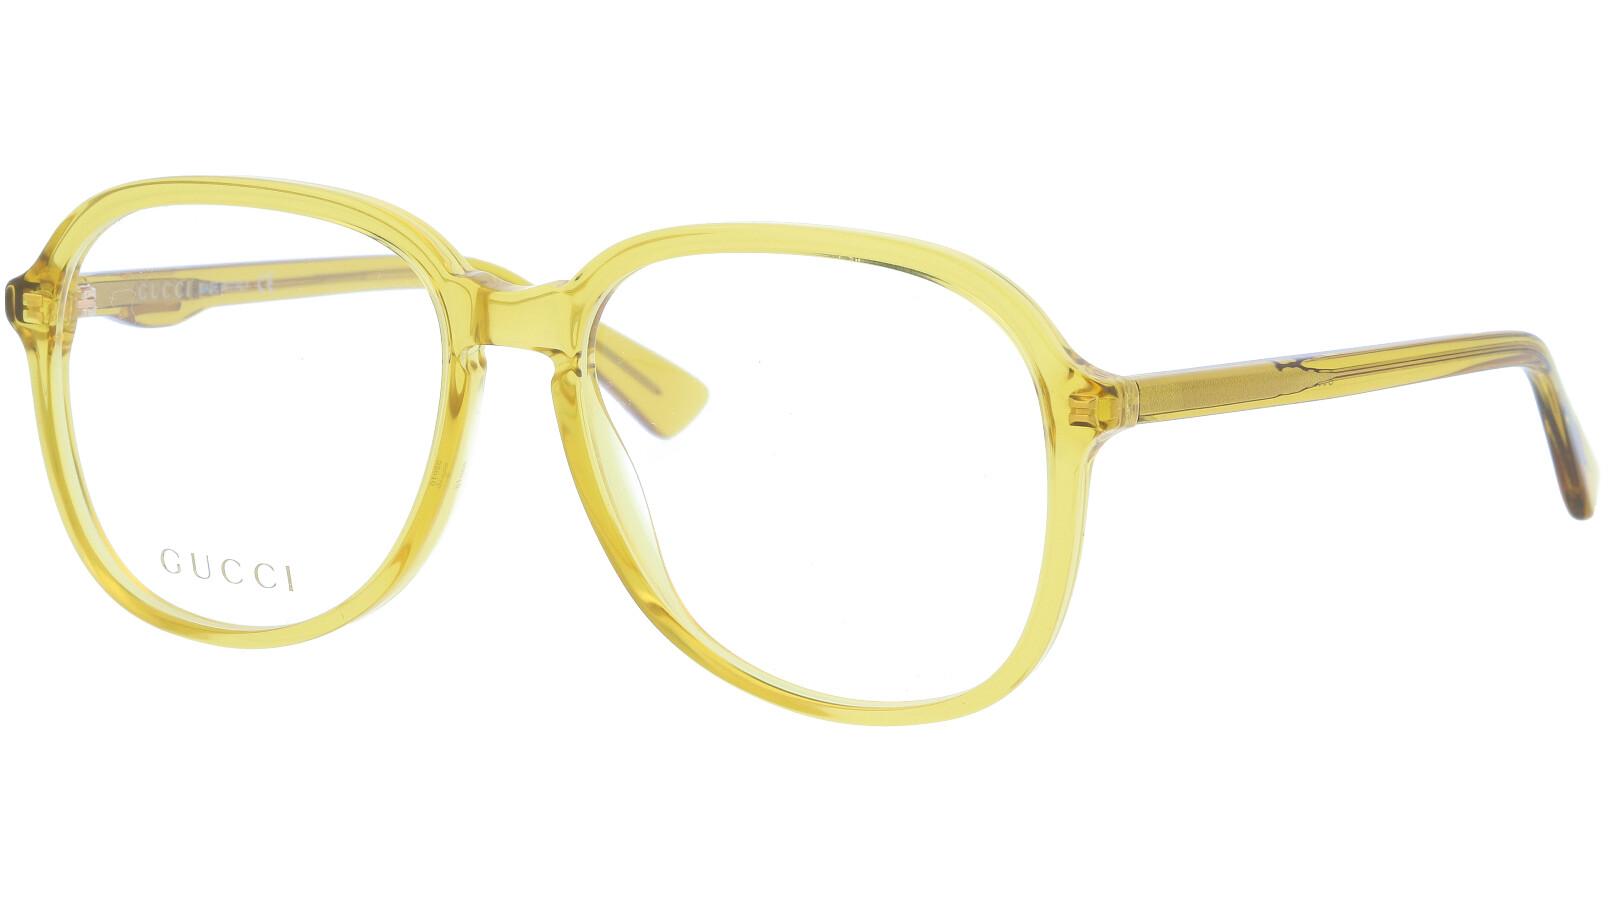 GUCCI GG0259O 006 55 YELLOW Glasses